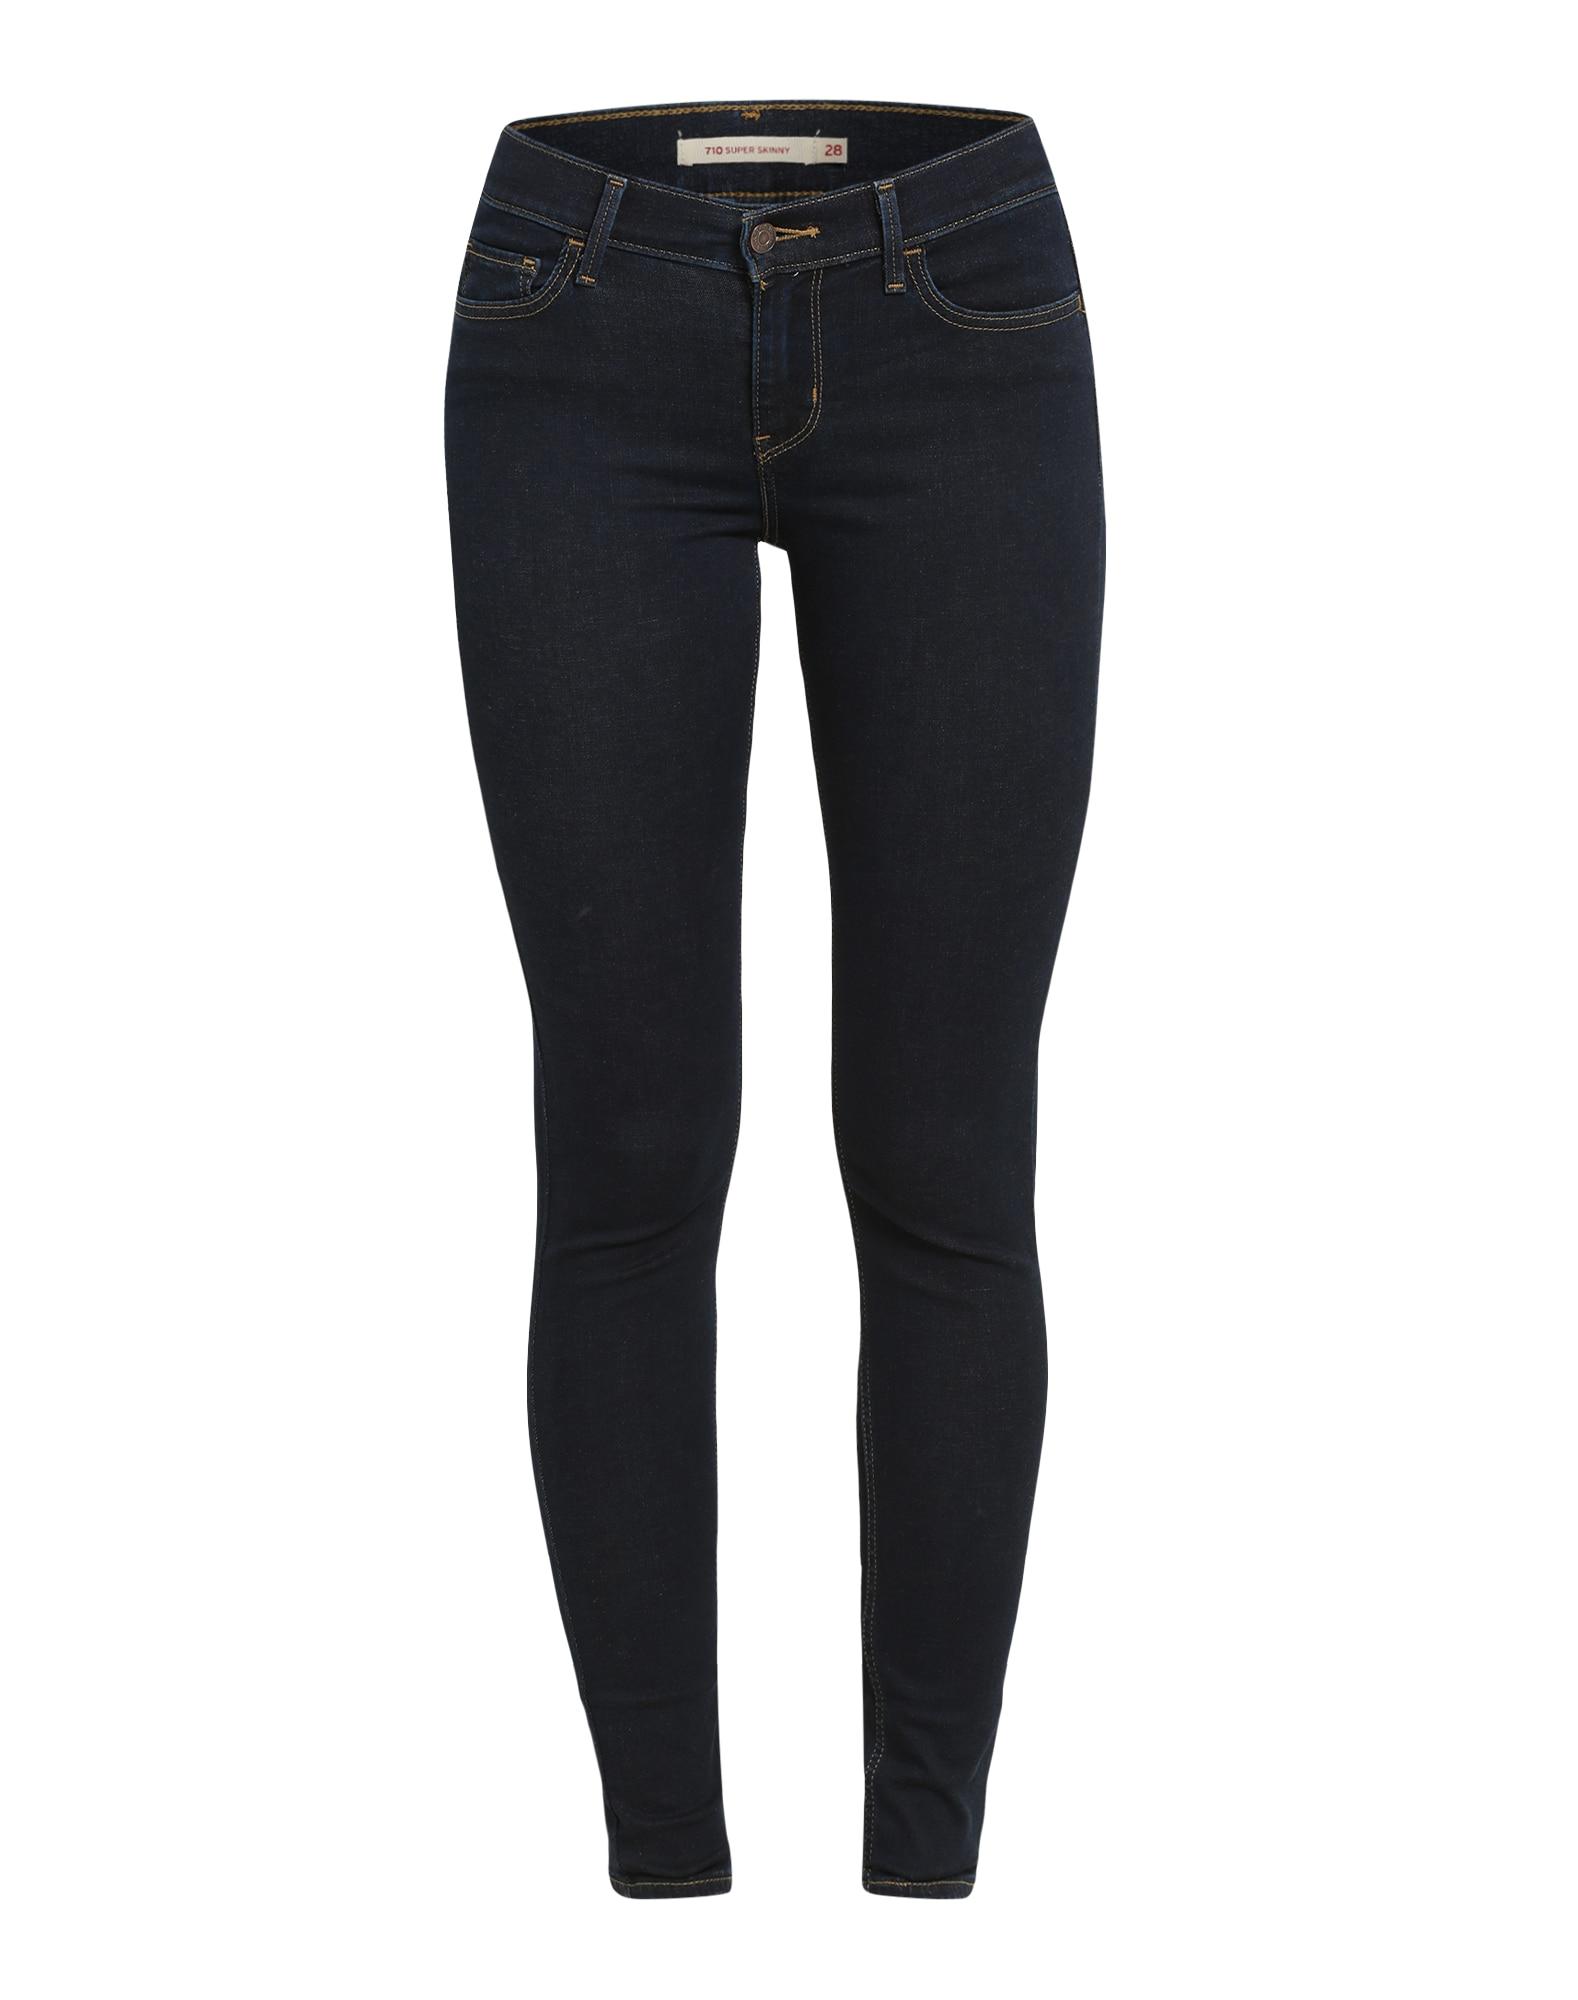 LEVI'S Dames Jeans 710 Innovation Super Skinny blue denim